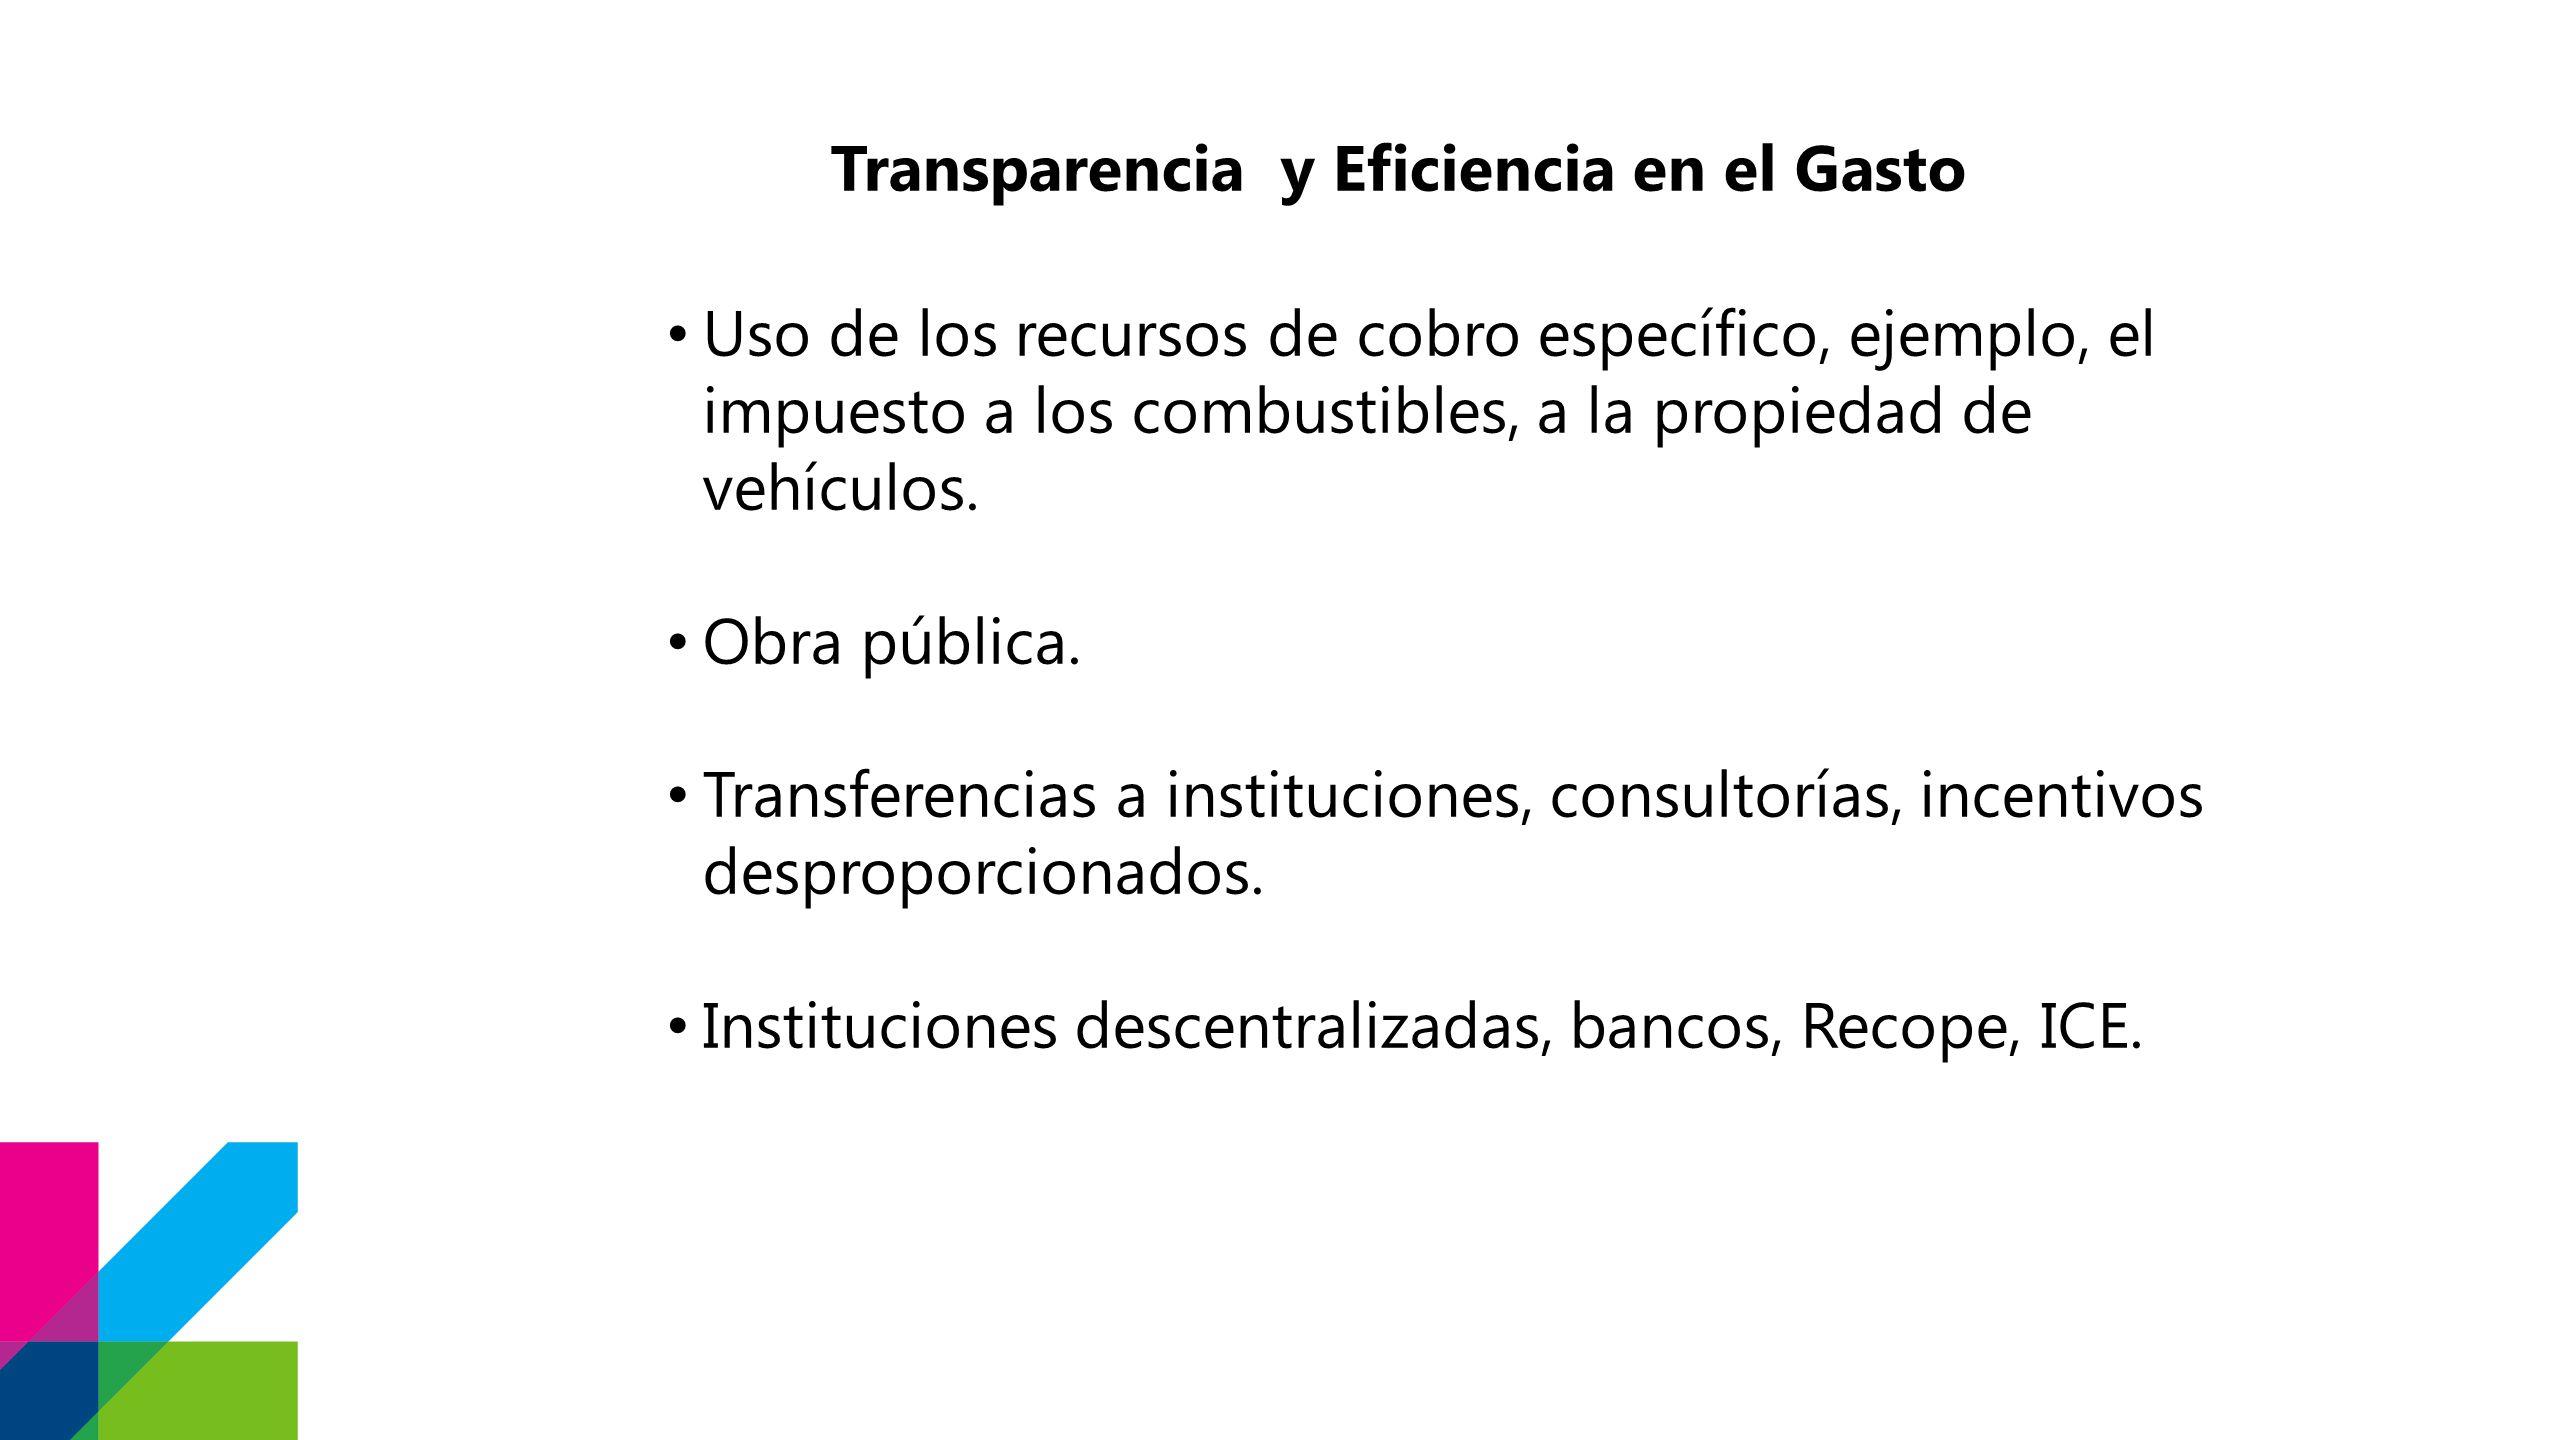 Transparencia y Eficiencia en el Gasto Uso de los recursos de cobro específico, ejemplo, el impuesto a los combustibles, a la propiedad de vehículos.